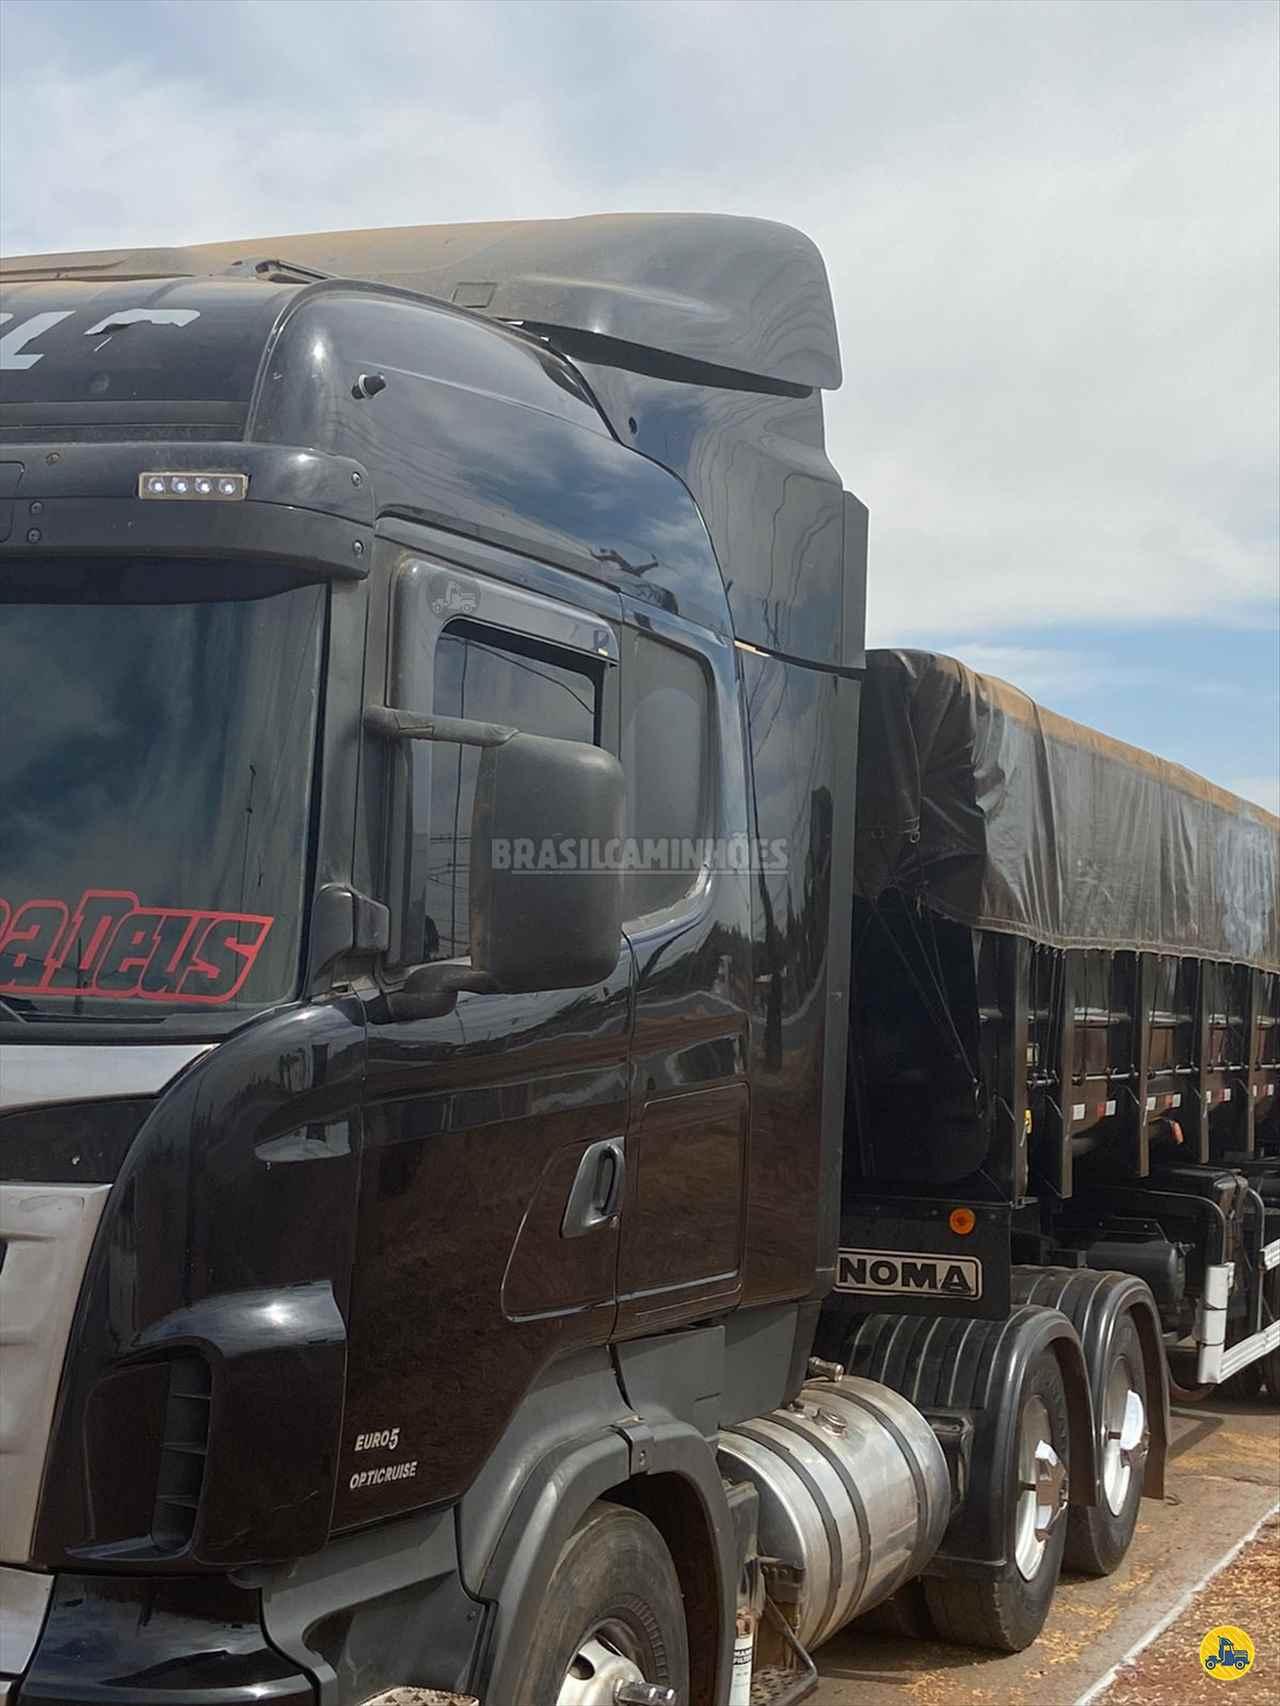 CAMINHAO SCANIA SCANIA 440 Caçamba Basculante Traçado 6x4 Brasil Caminhões Sinop SINOP MATO GROSSO MT